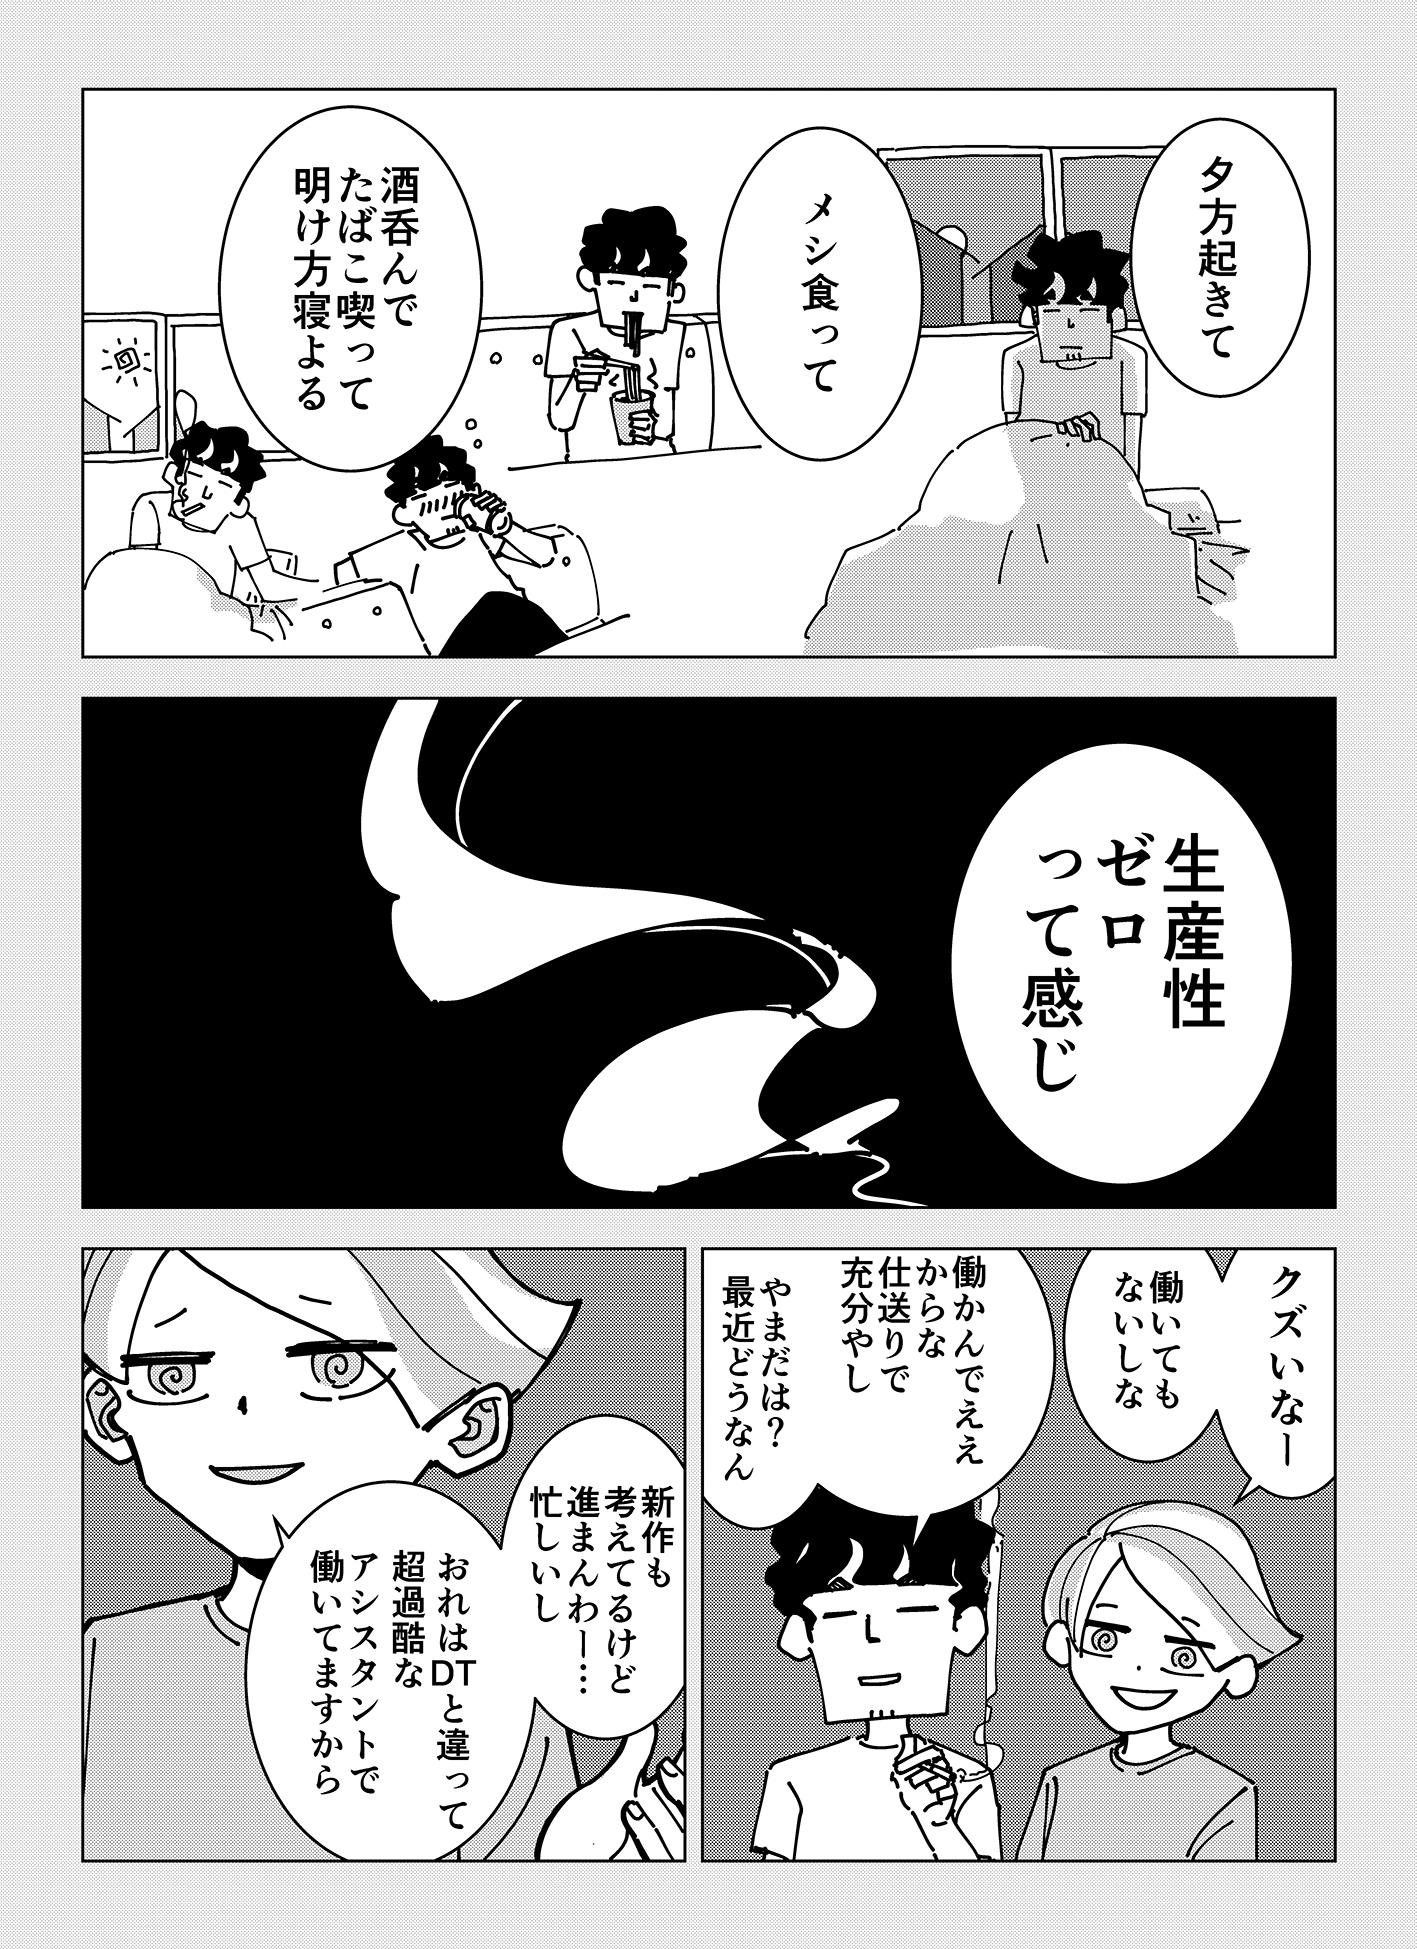 share04_003